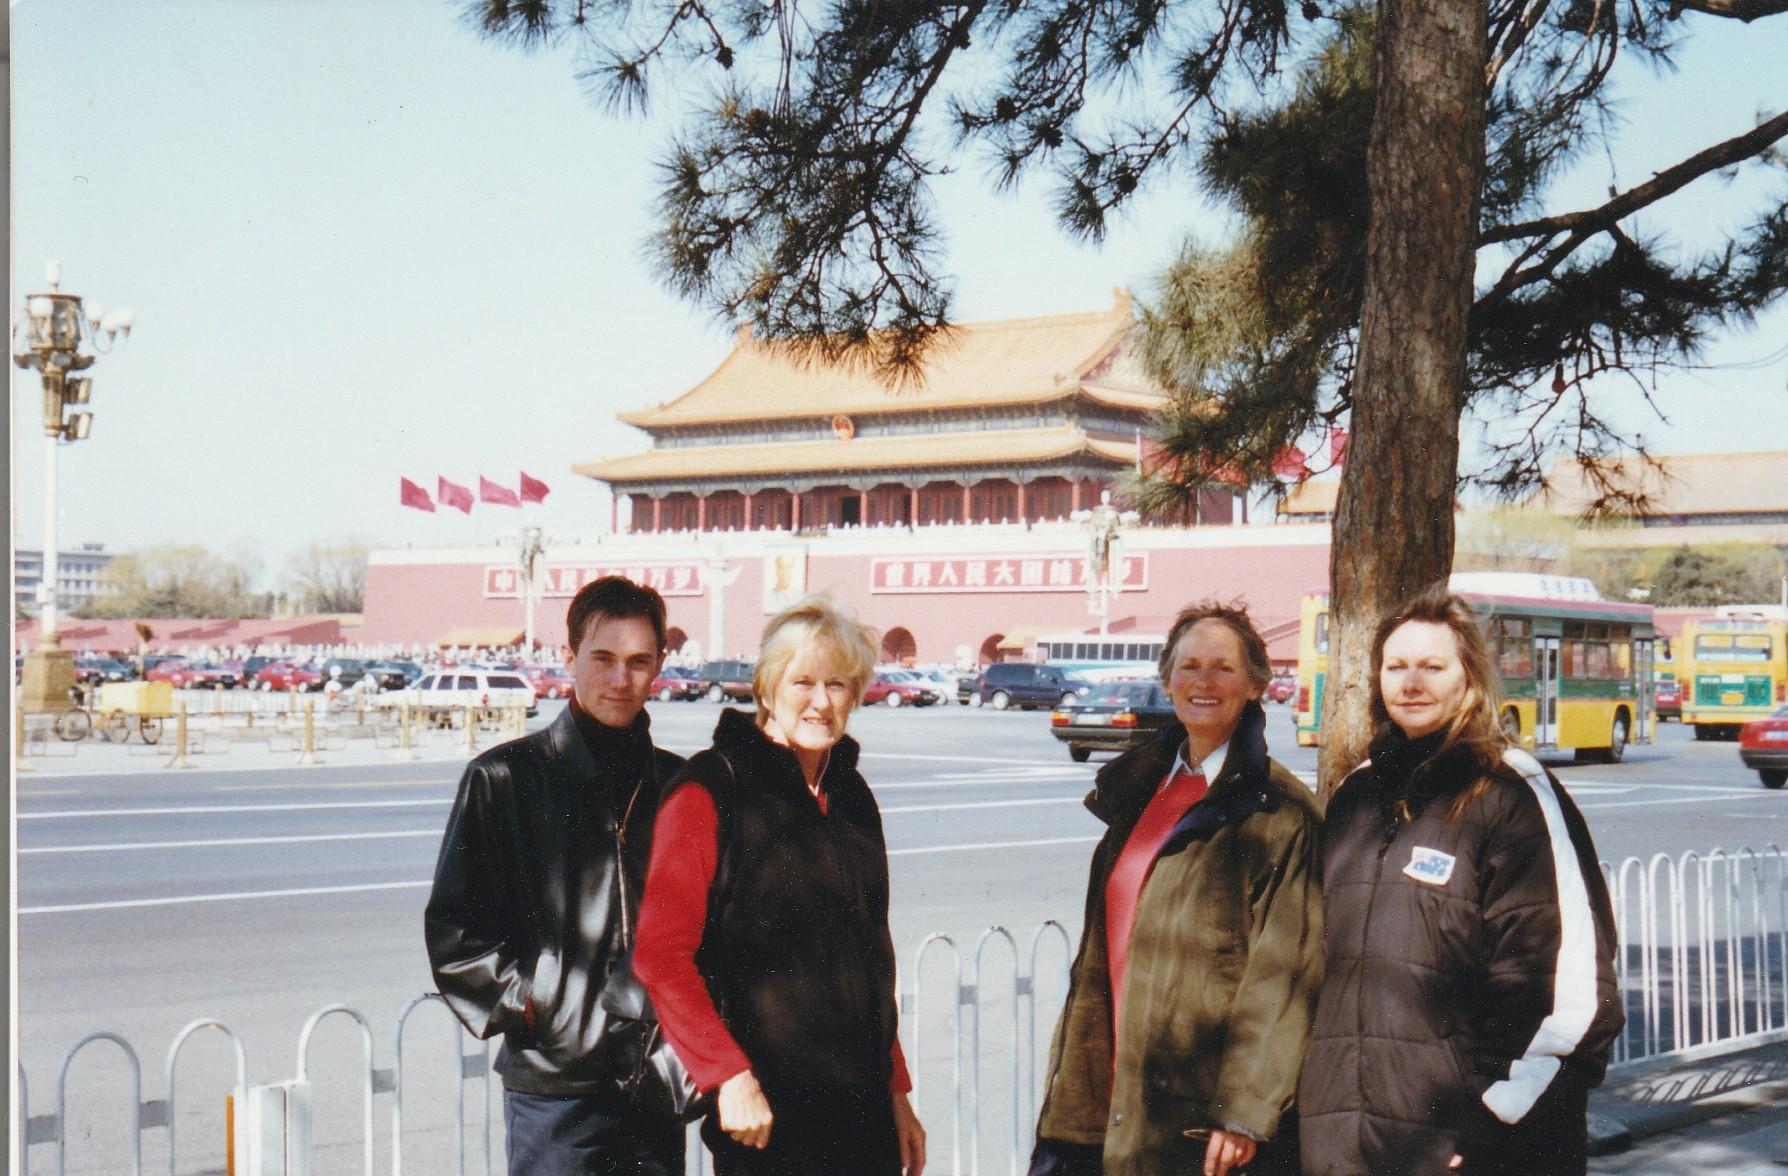 2002年3月7日,參與和平請願的部份澳洲法輪功學員在天安門廣場前合照留念,左起分別為Stuart Martin、Jan Becker、Rivati和Denice Johnson。(Denice Johnson提供)